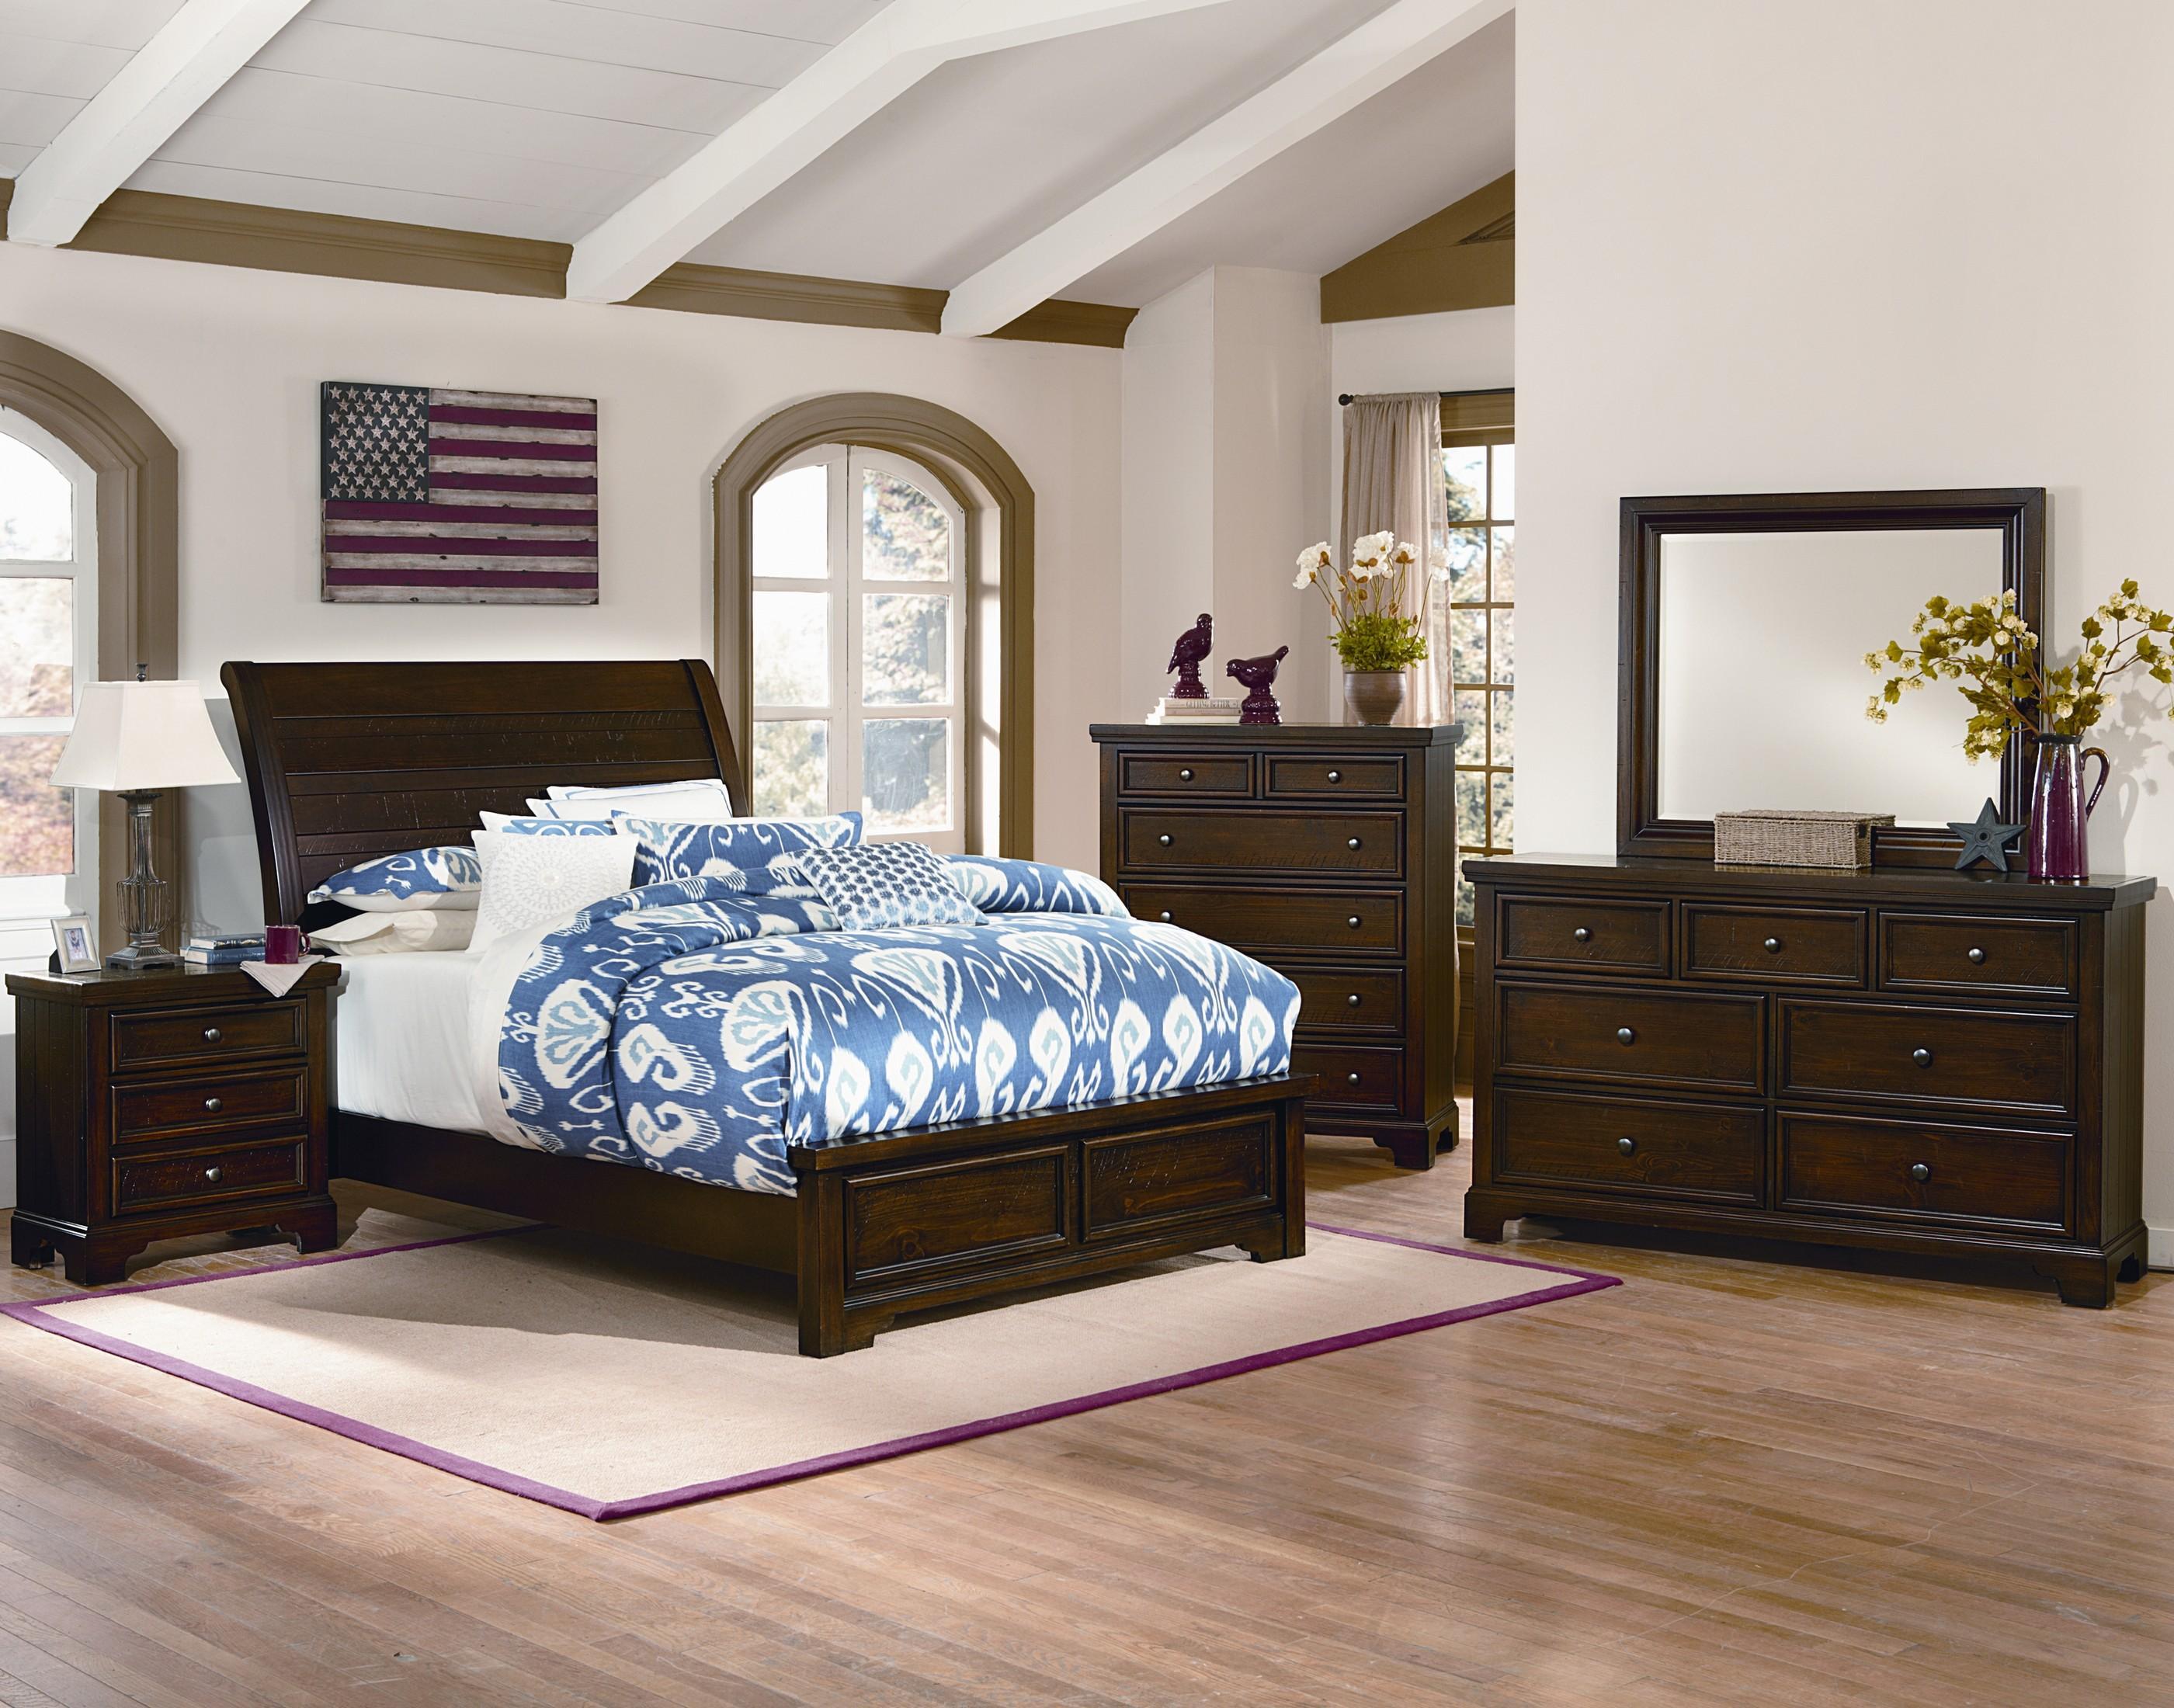 Vaughan Bassett Hanover King Bedroom Group  Dunk  Bright